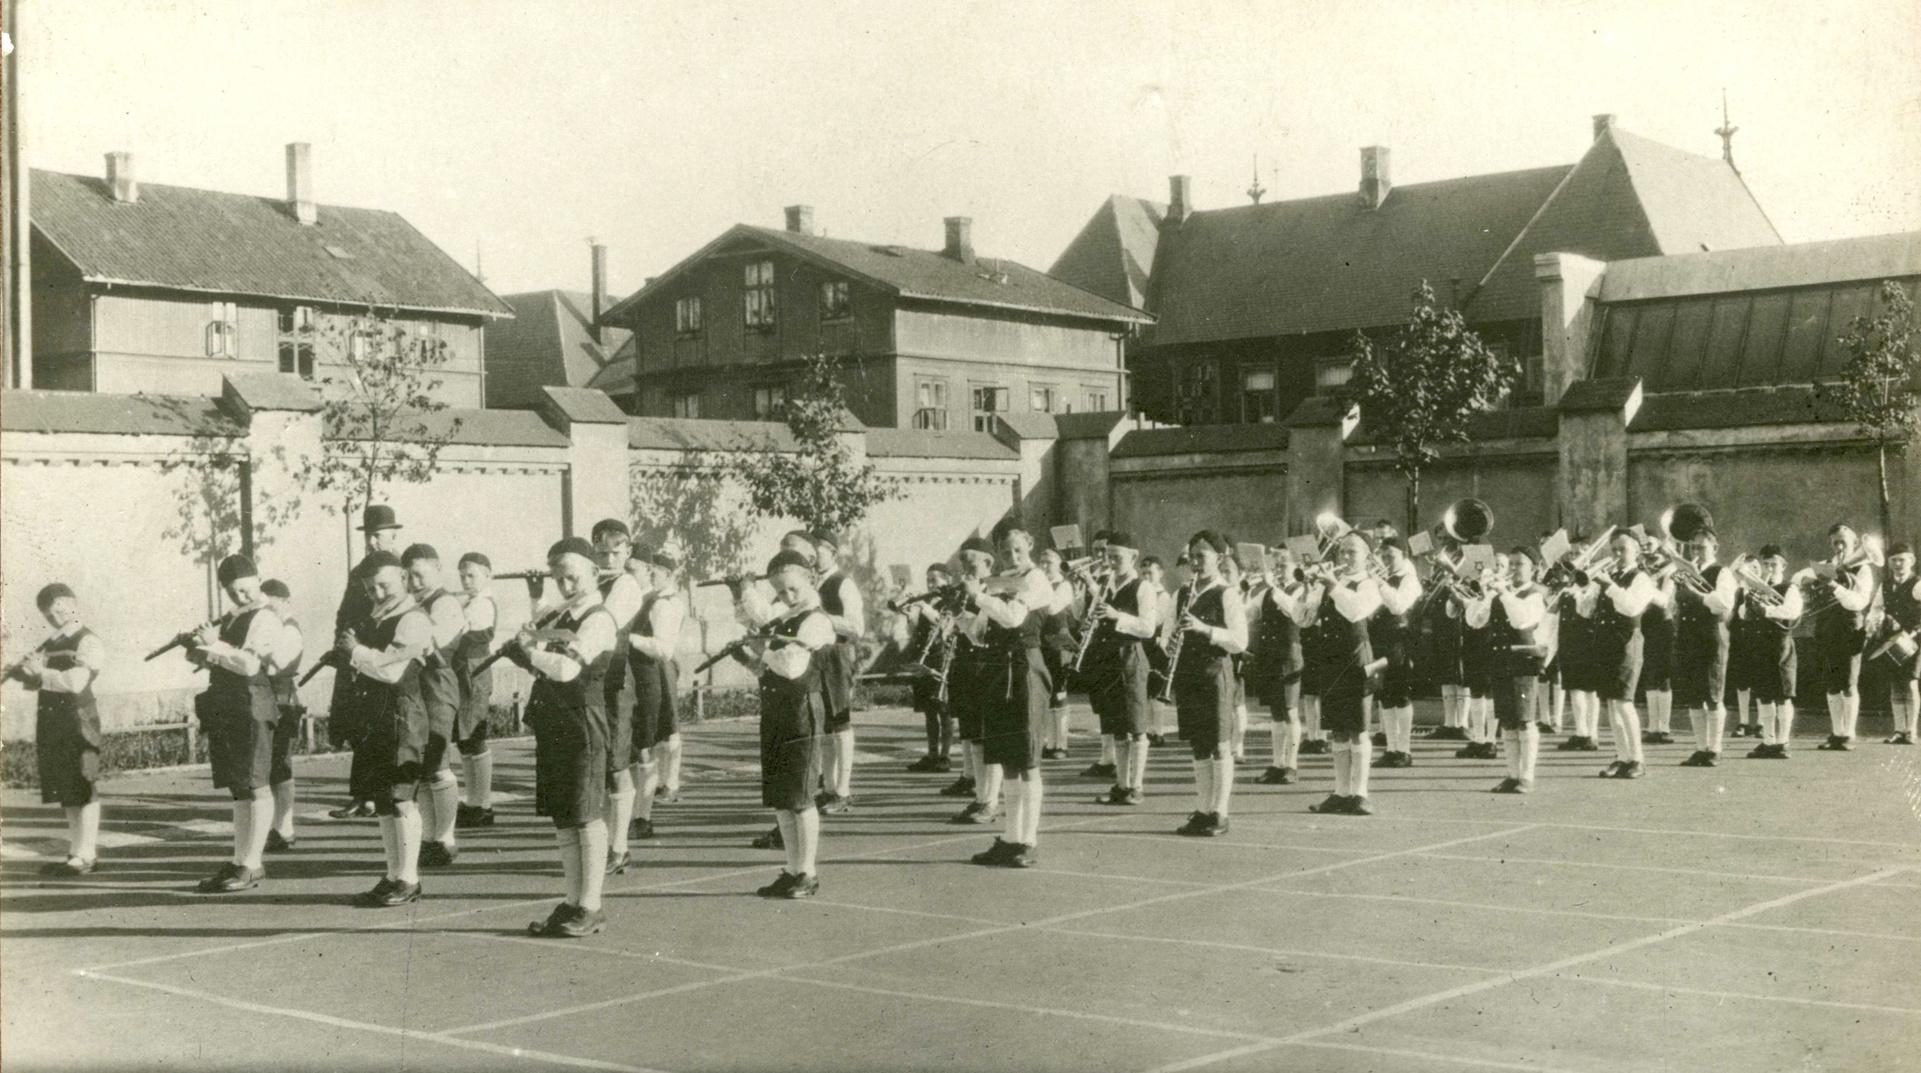 peikbilder_1931_skolegård.jpg